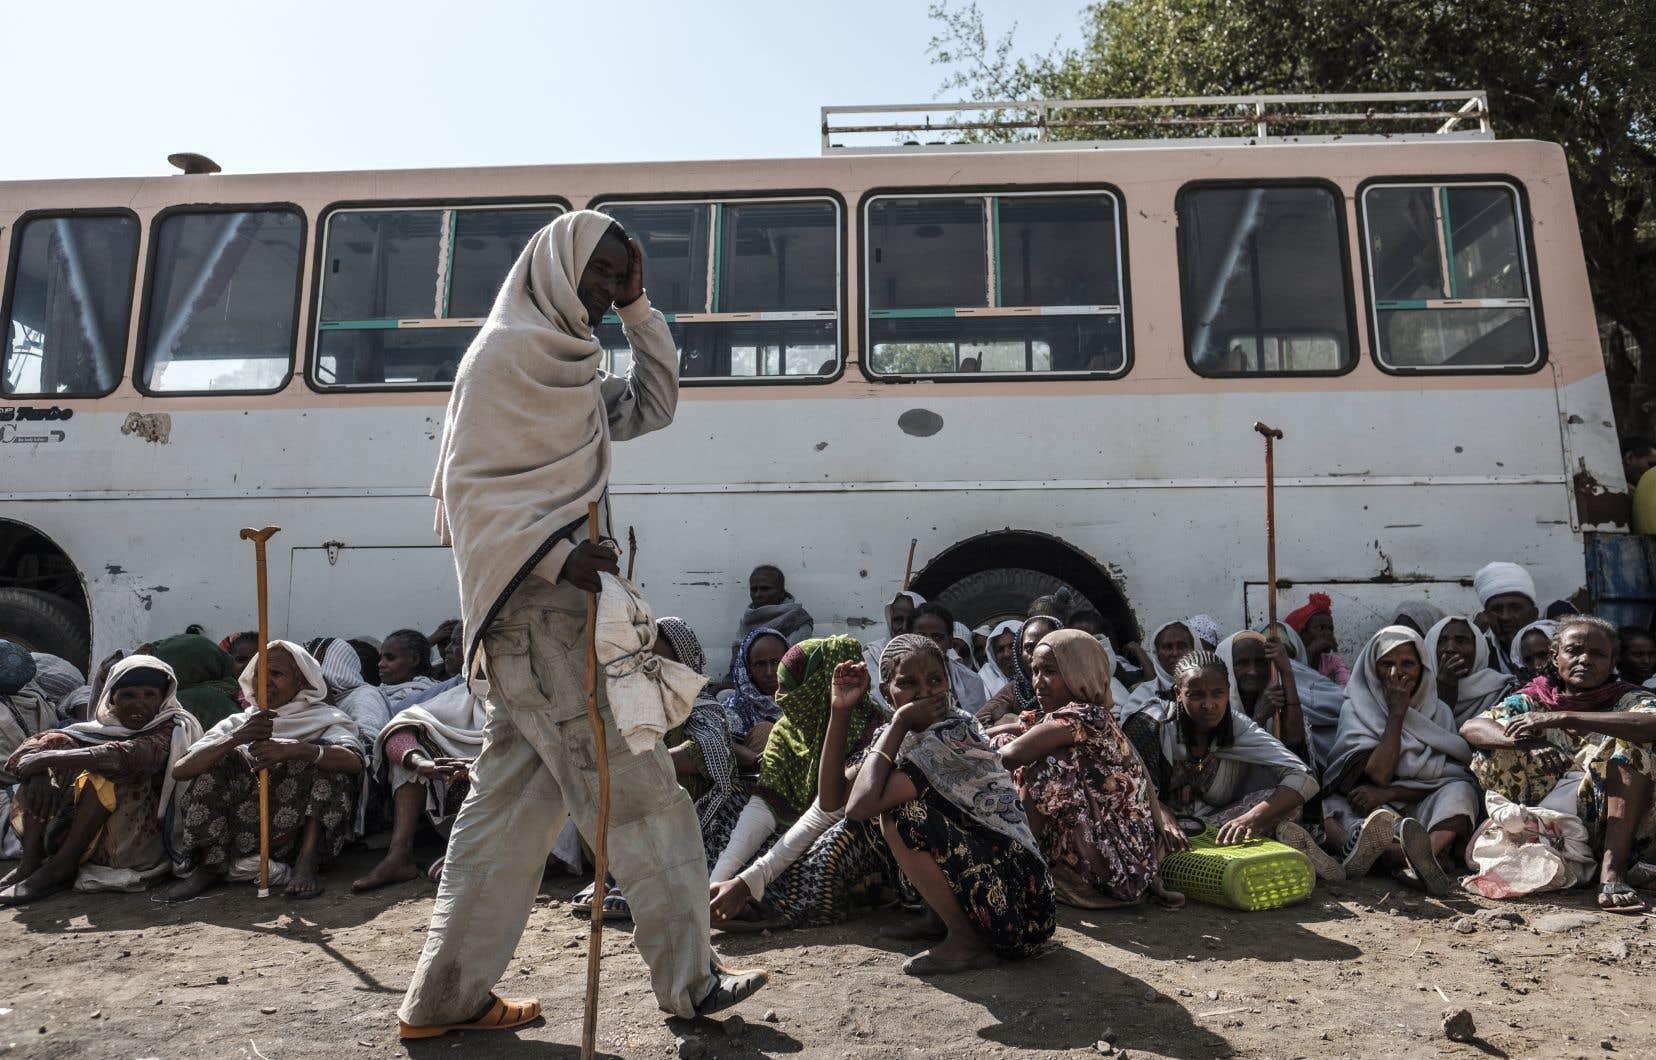 À l'abri des regards, la crise au Tigré continue de faire des ravages